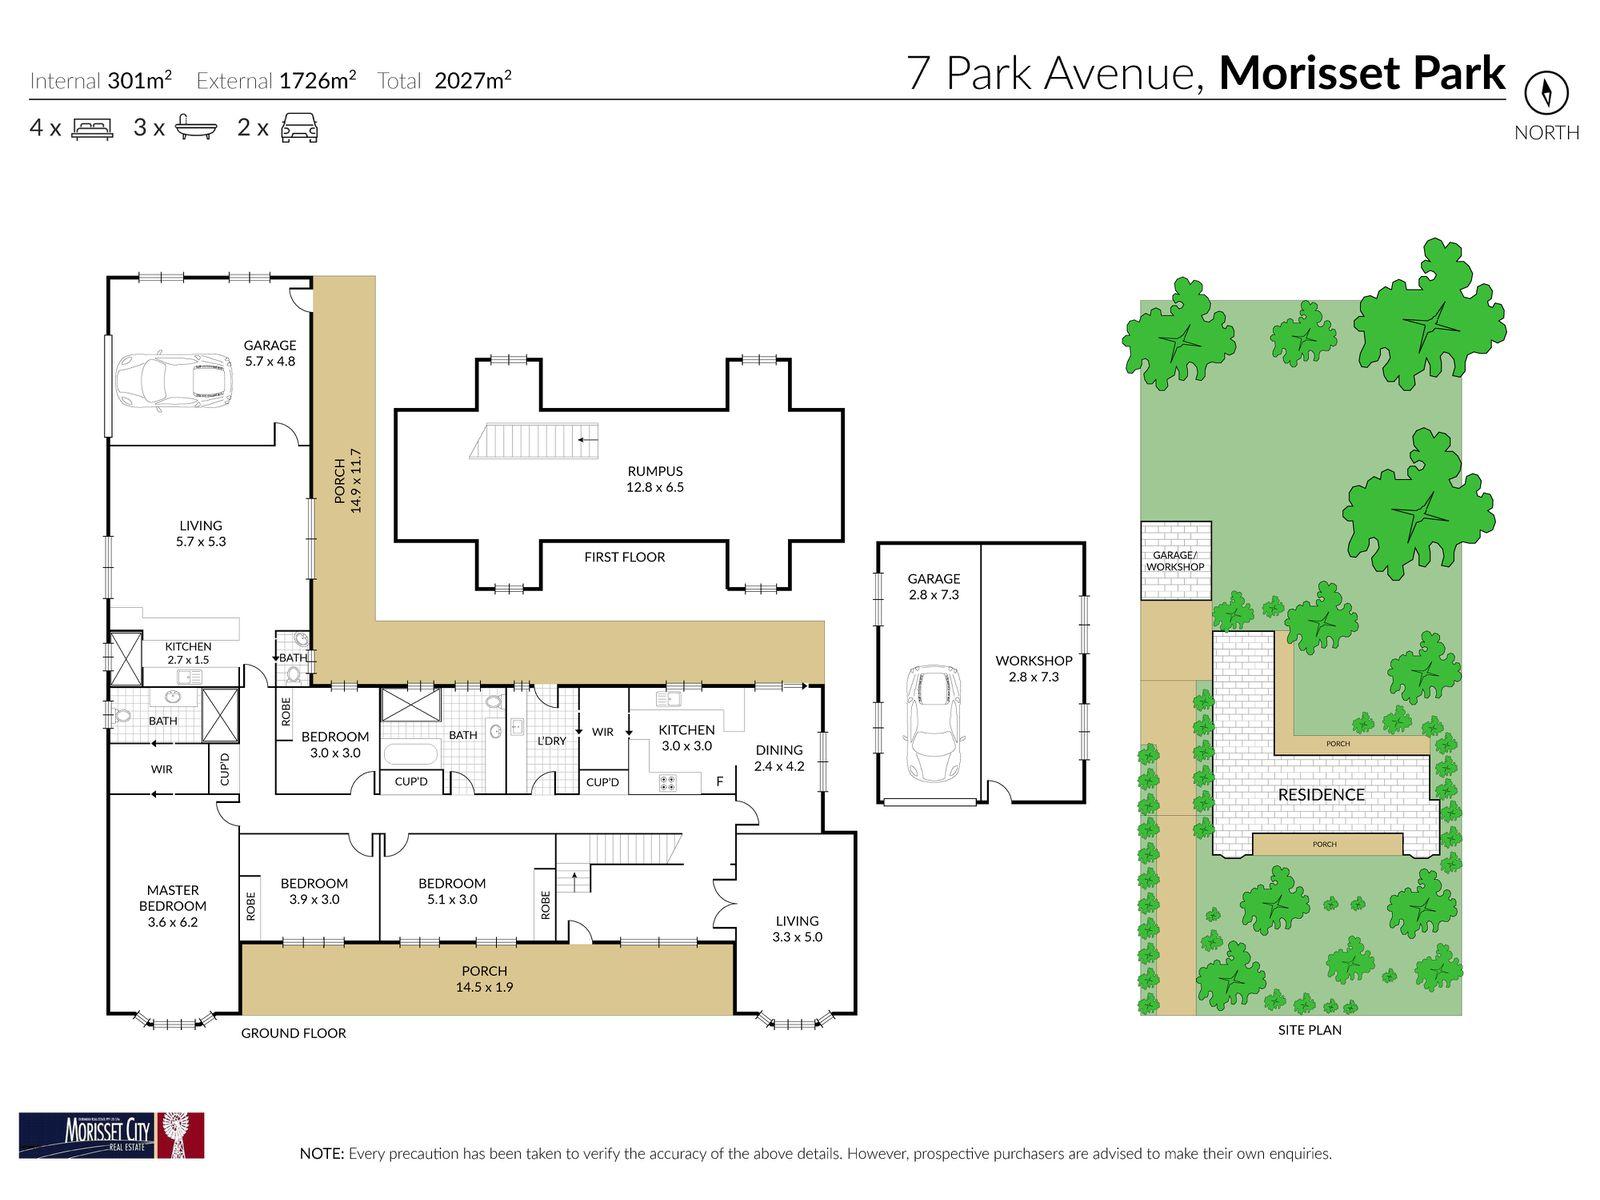 7 Park Avenue, Morisset Park